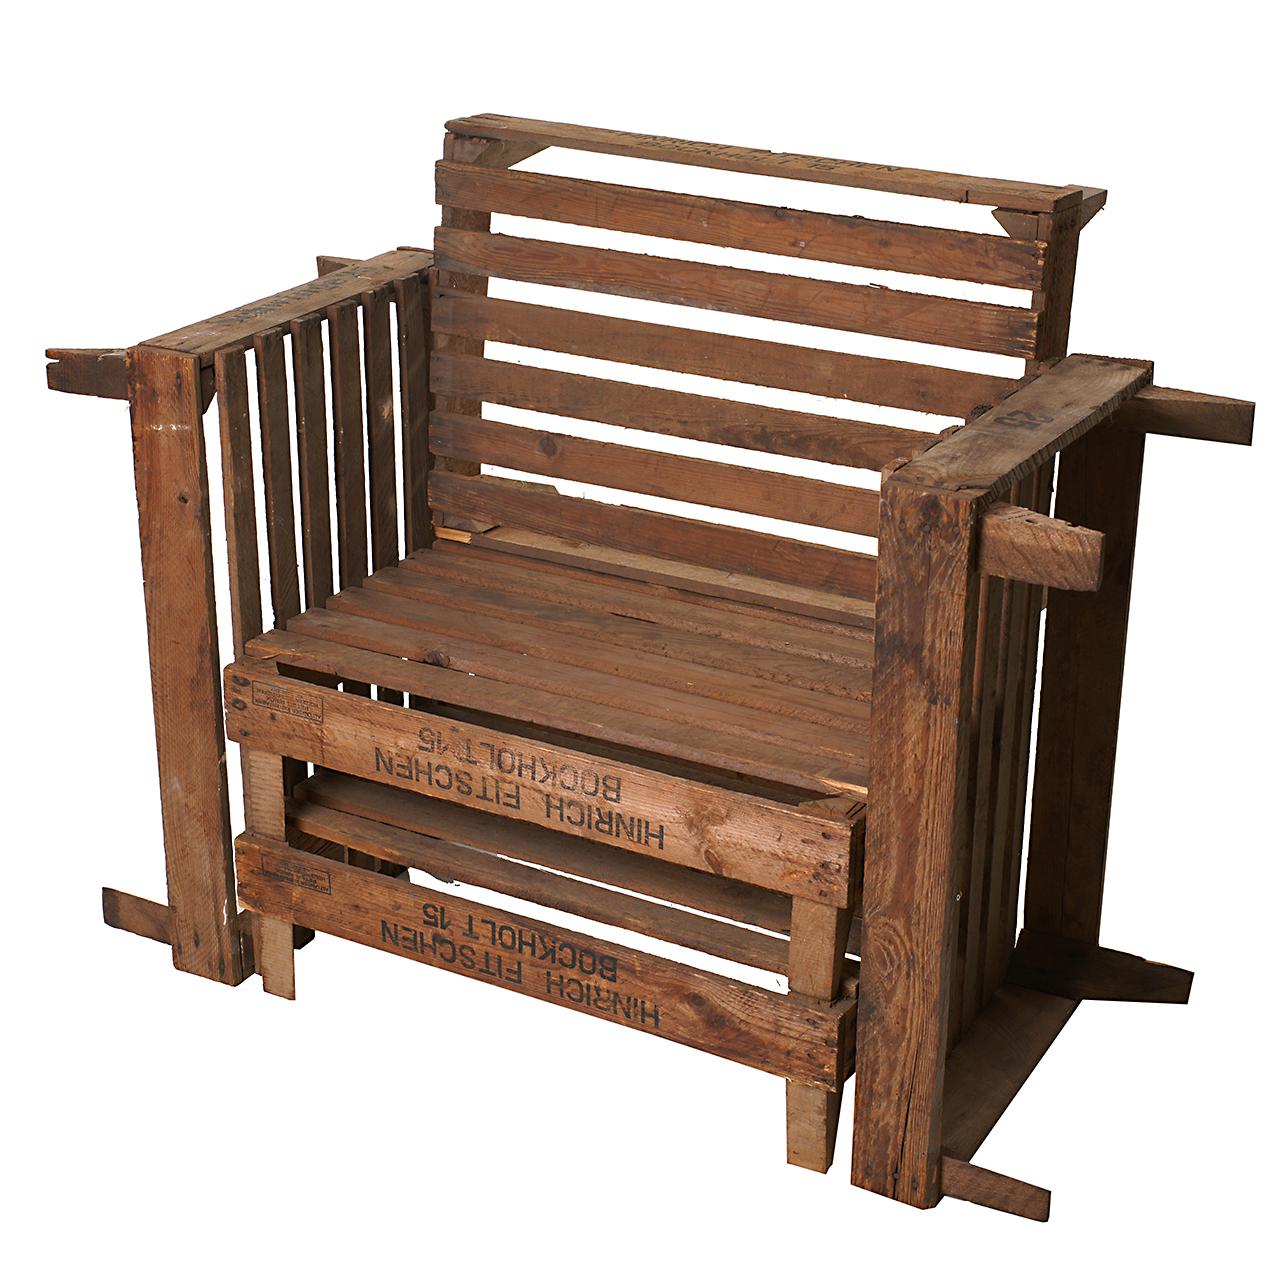 sitzgelegenheiten bequeme sitzgelegenheit aus alten stabilen holzkisten 85x103x54cm. Black Bedroom Furniture Sets. Home Design Ideas